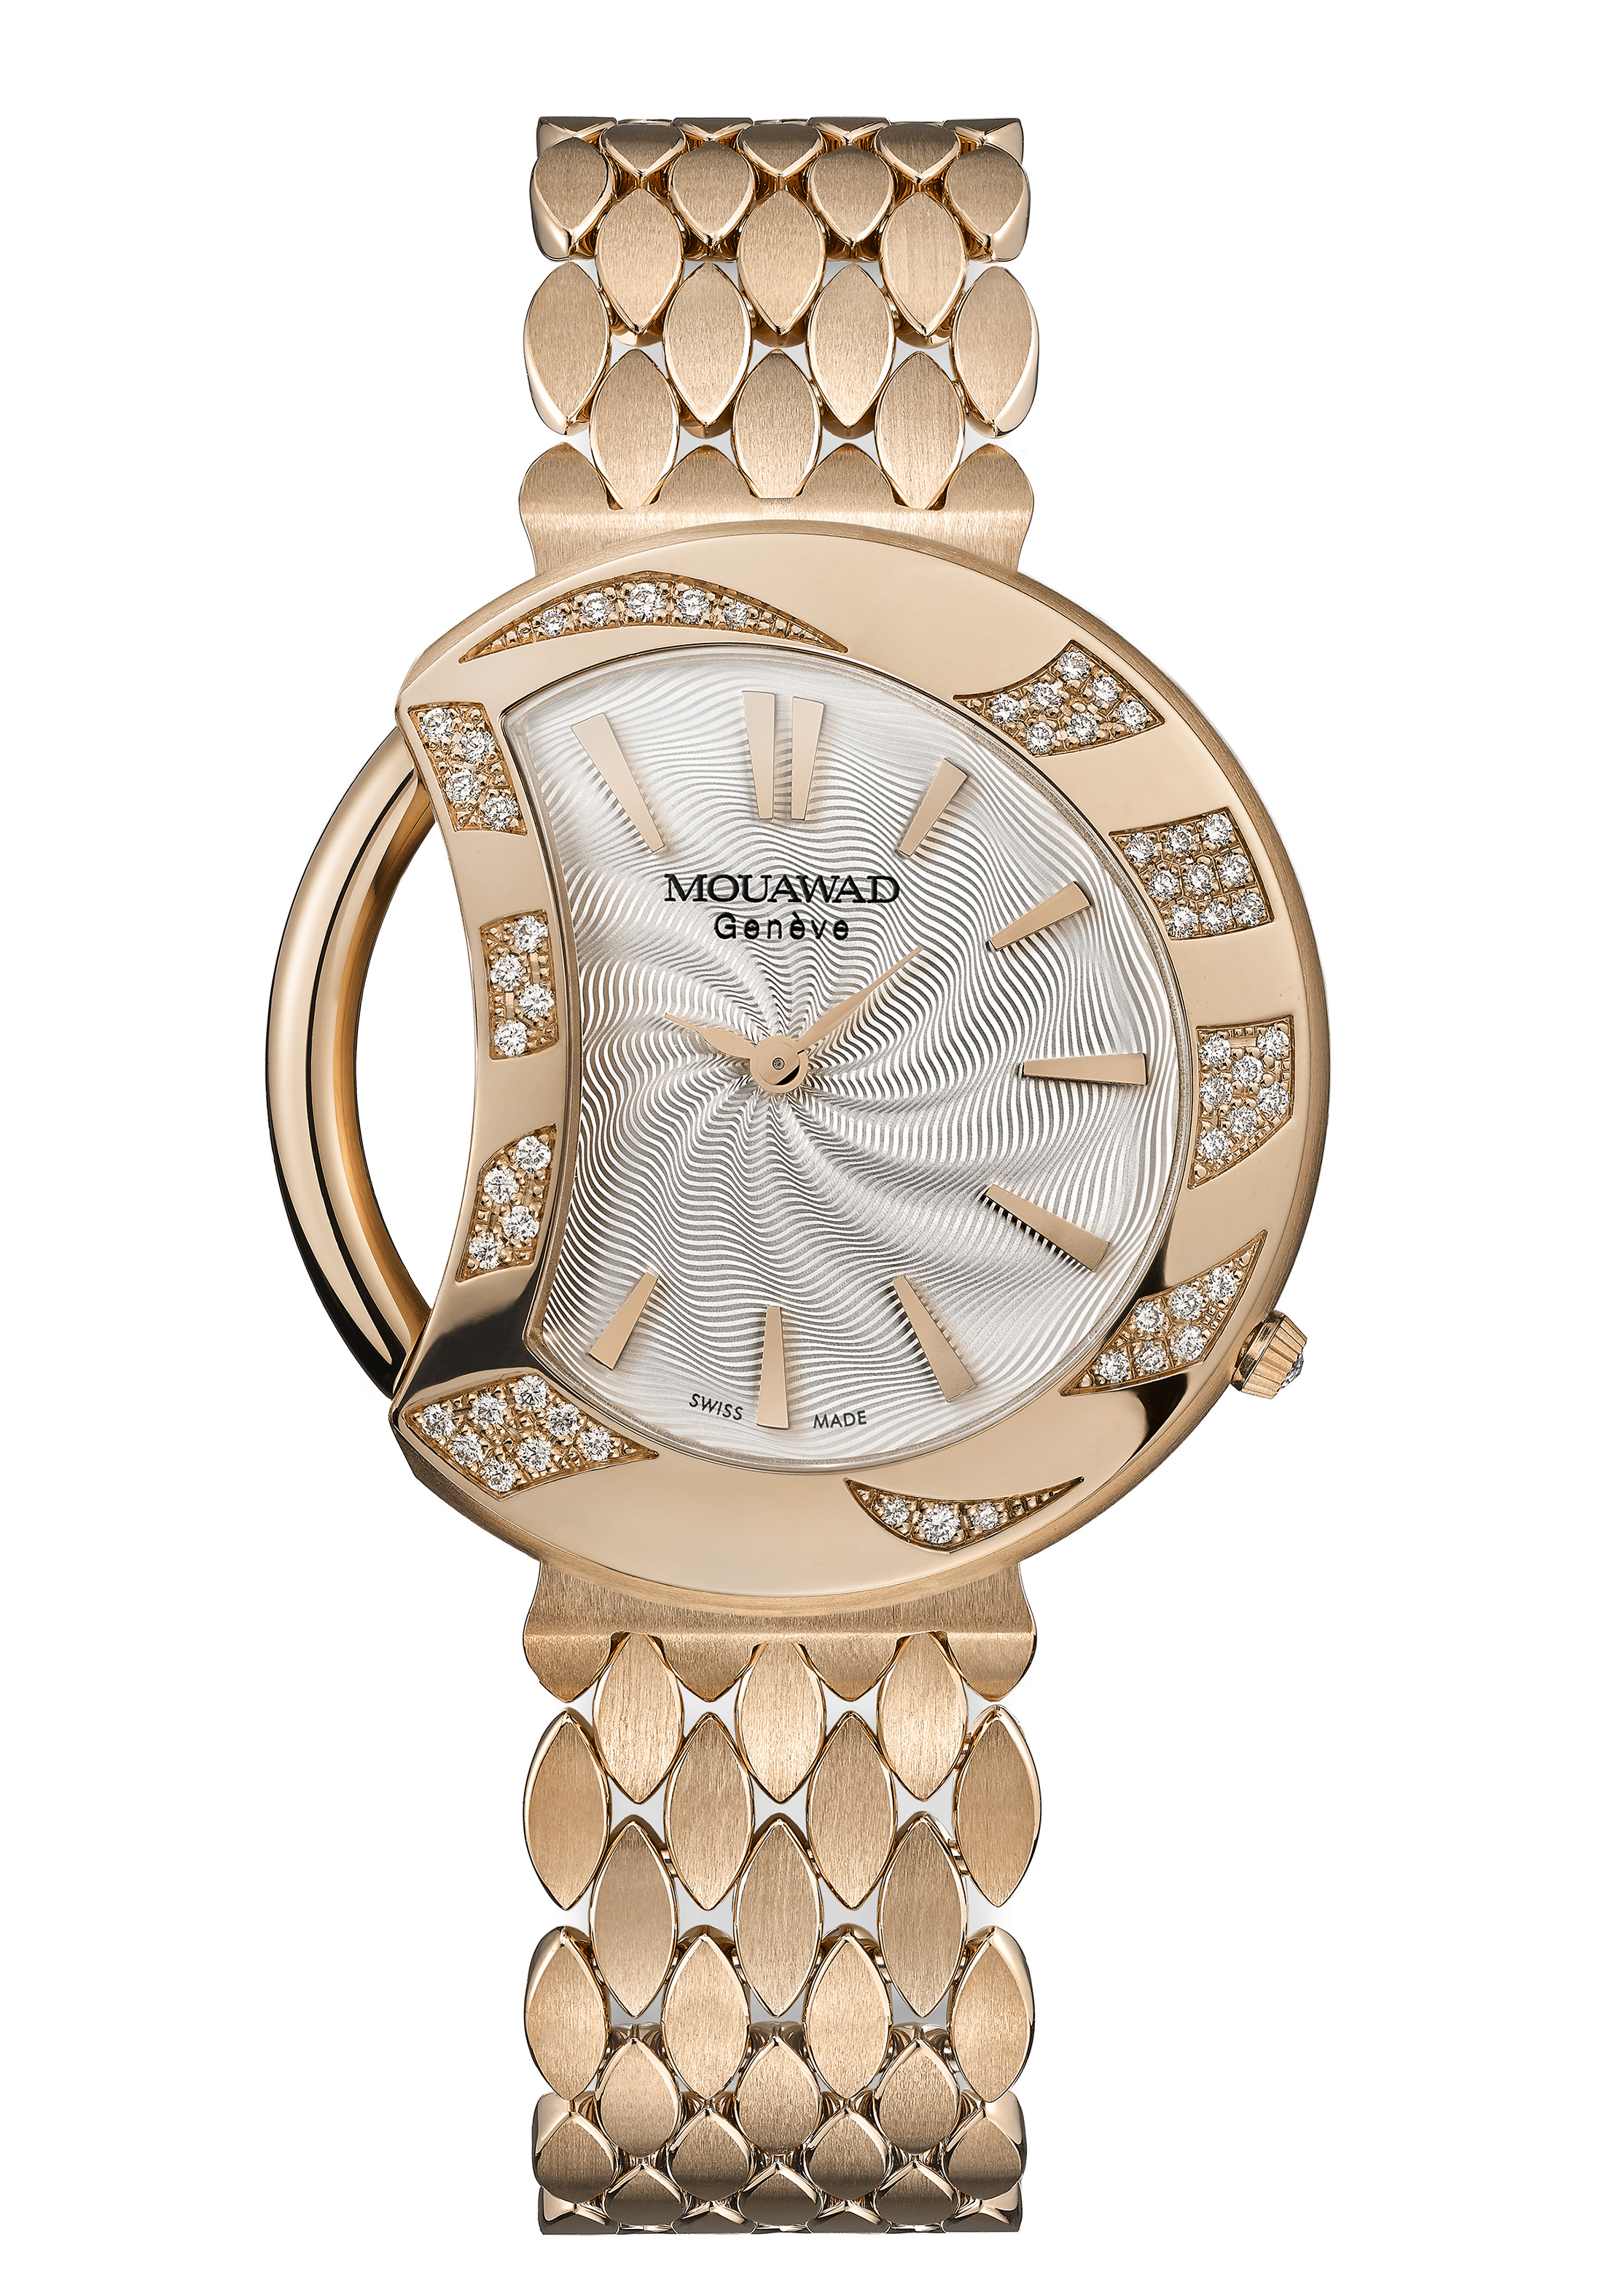 ساعة لا بيجو ديفين La Bijou Divine  Mouawad